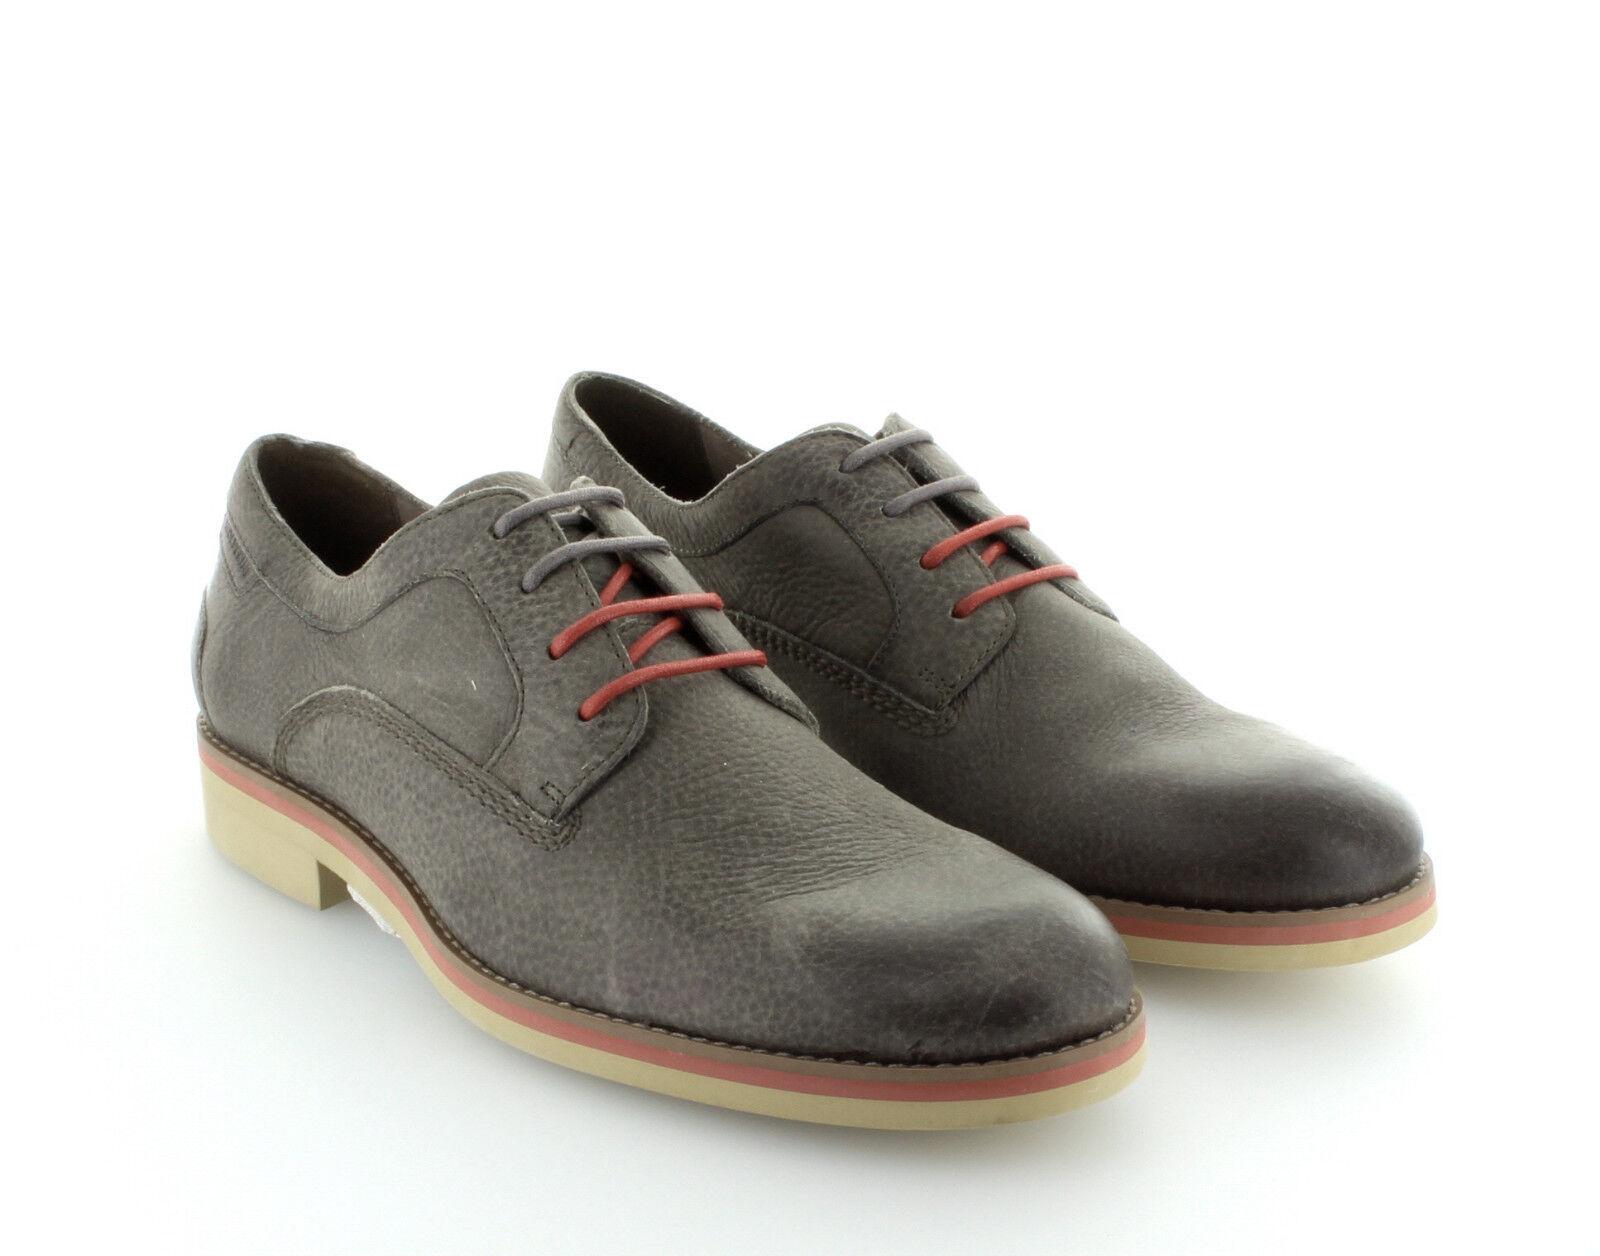 Herren Leder Schuhe Wolverine 1883 Theo Oxford grey Gr. 42